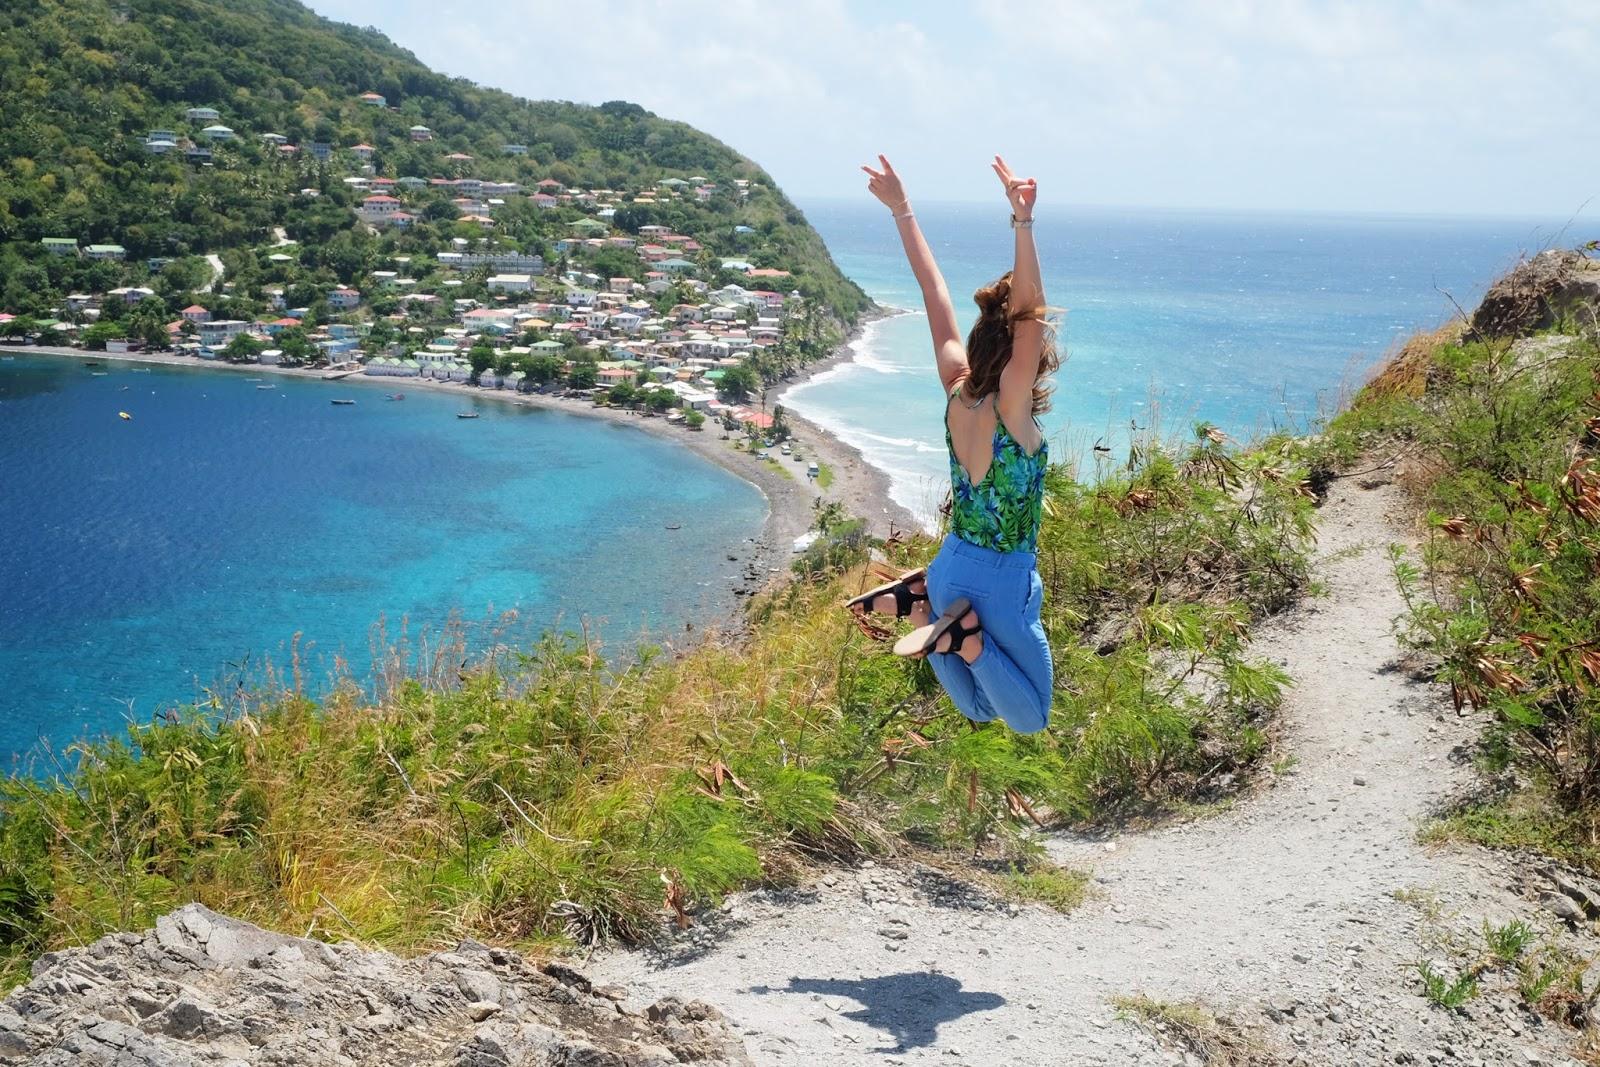 Dominique, l'île nature des Caraïbes